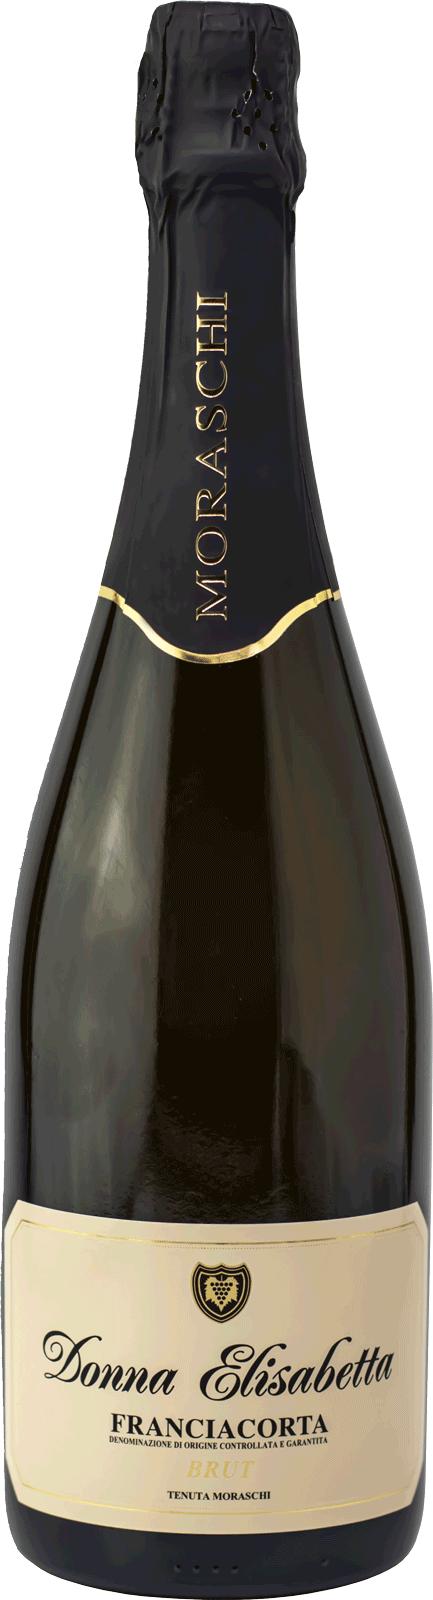 moraschi franciacorta vini brut donna elisabetta vino